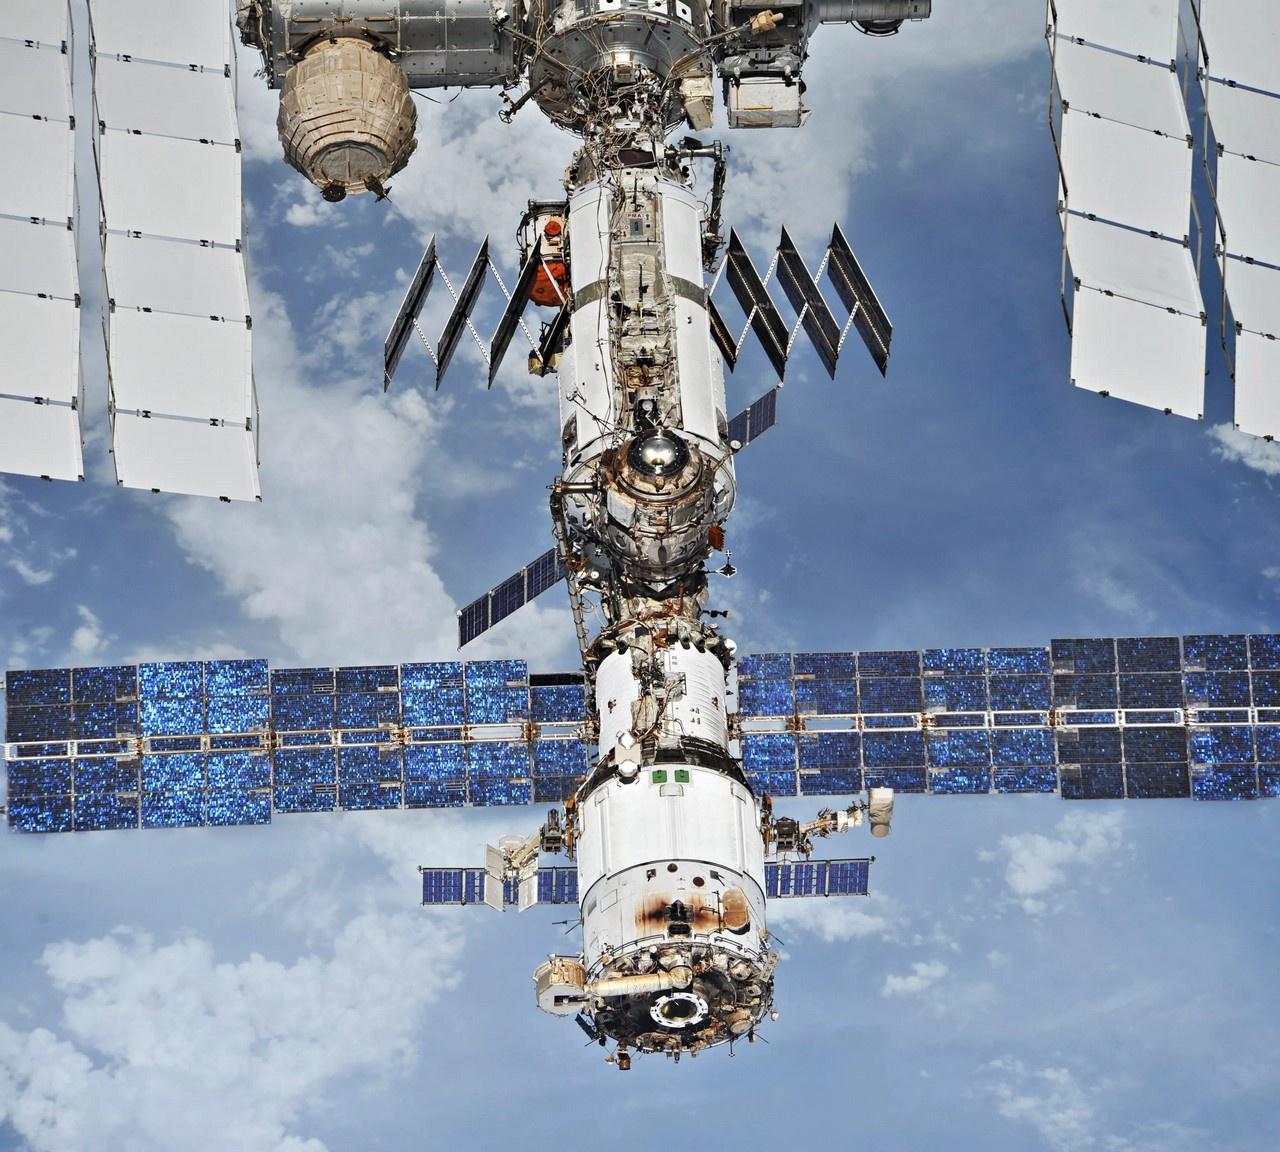 Роскосмоспродолжает отправлять на Международную космическую станцию (МКС) американских астронавтов.